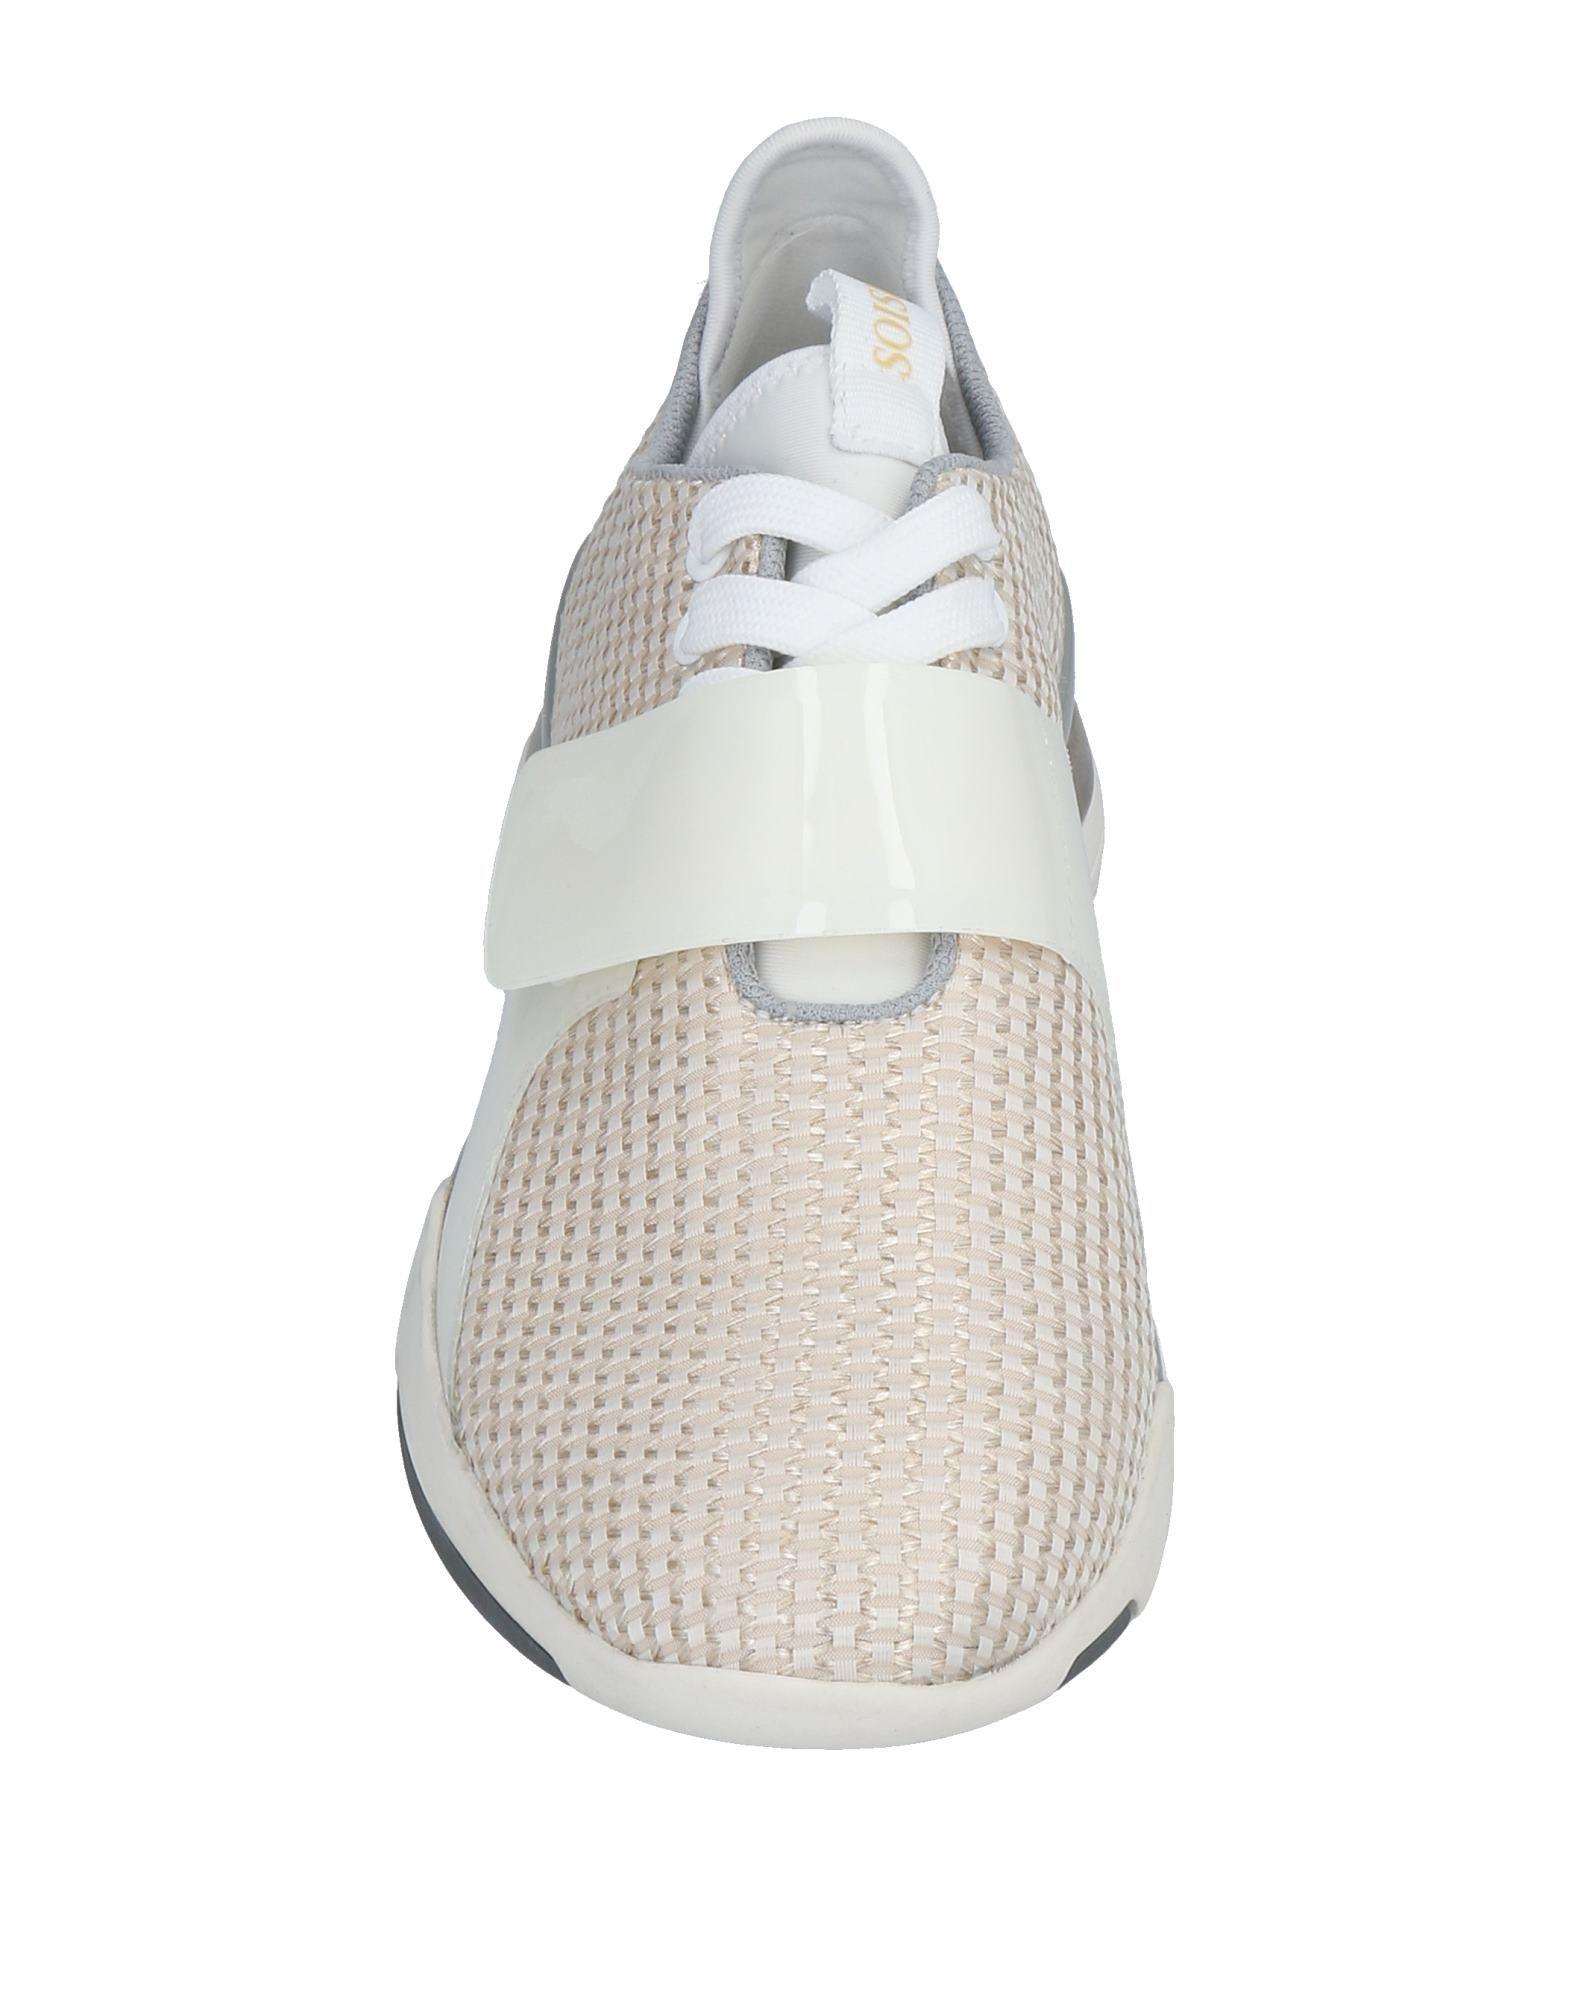 Soisire Soiebleu Sneakers - Women Soisire Soiebleu Soiebleu Soiebleu Sneakers online on  United Kingdom - 11480675OE 5be0f4